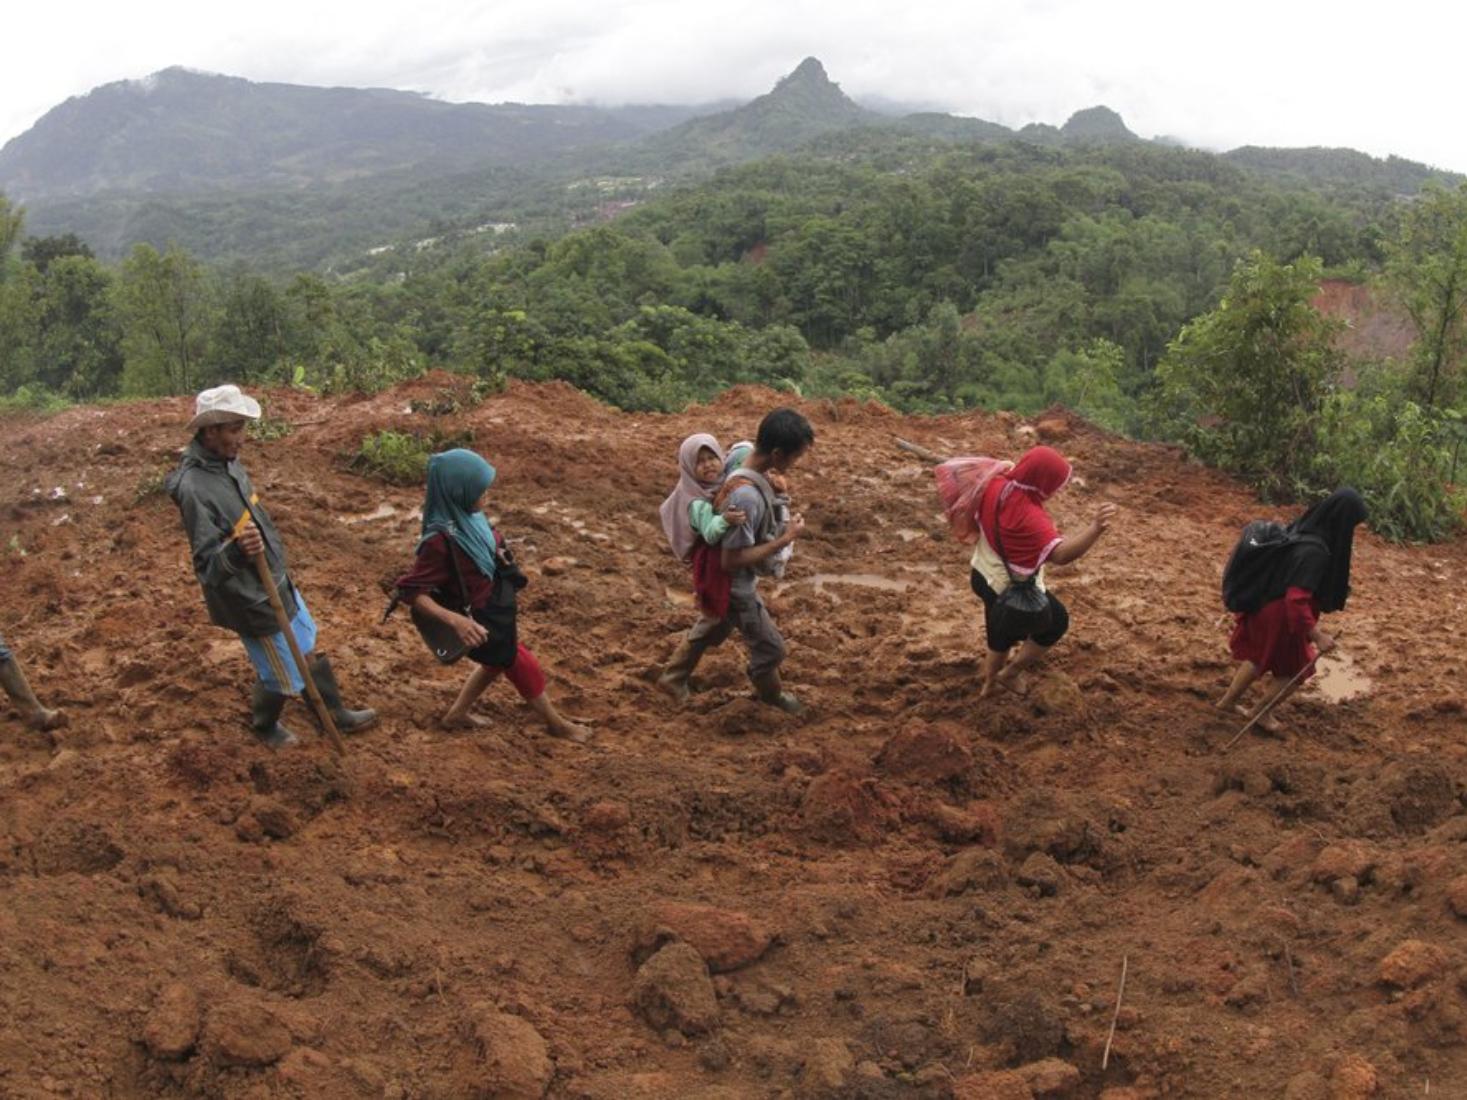 Mudslides, blackouts hamper search after Indonesia floods